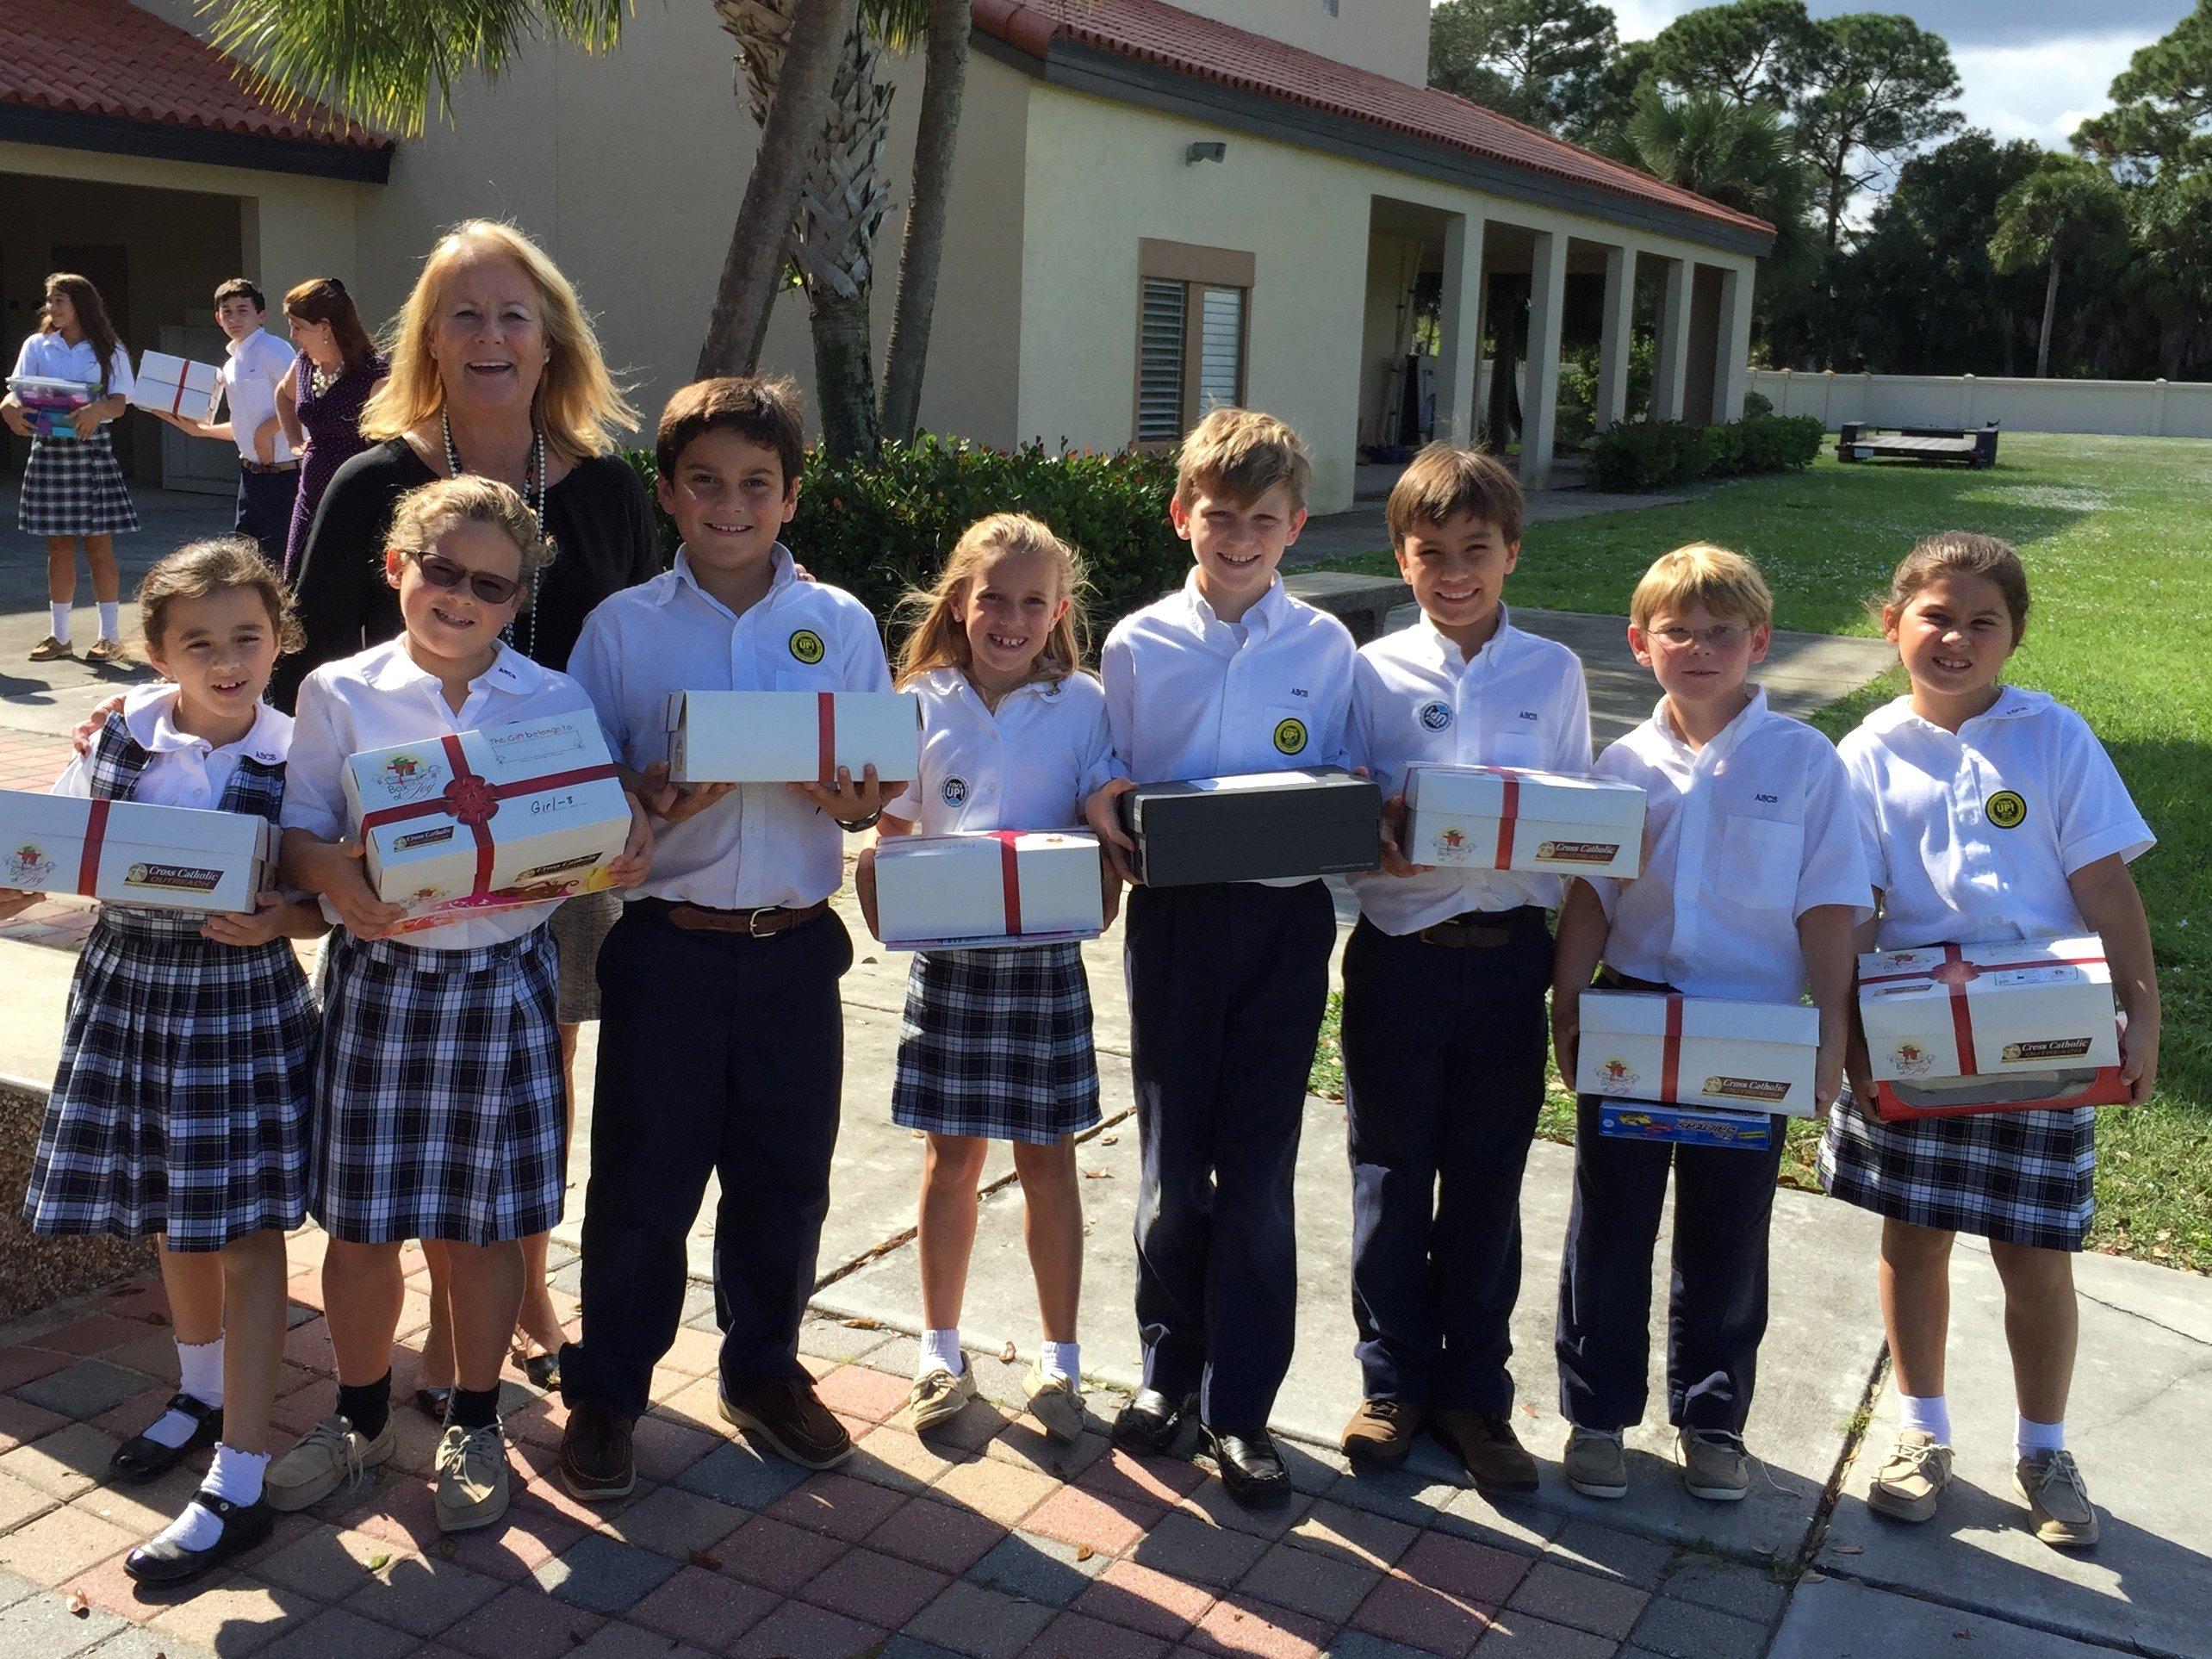 1g-All-Saints-School-Jupiter-FL